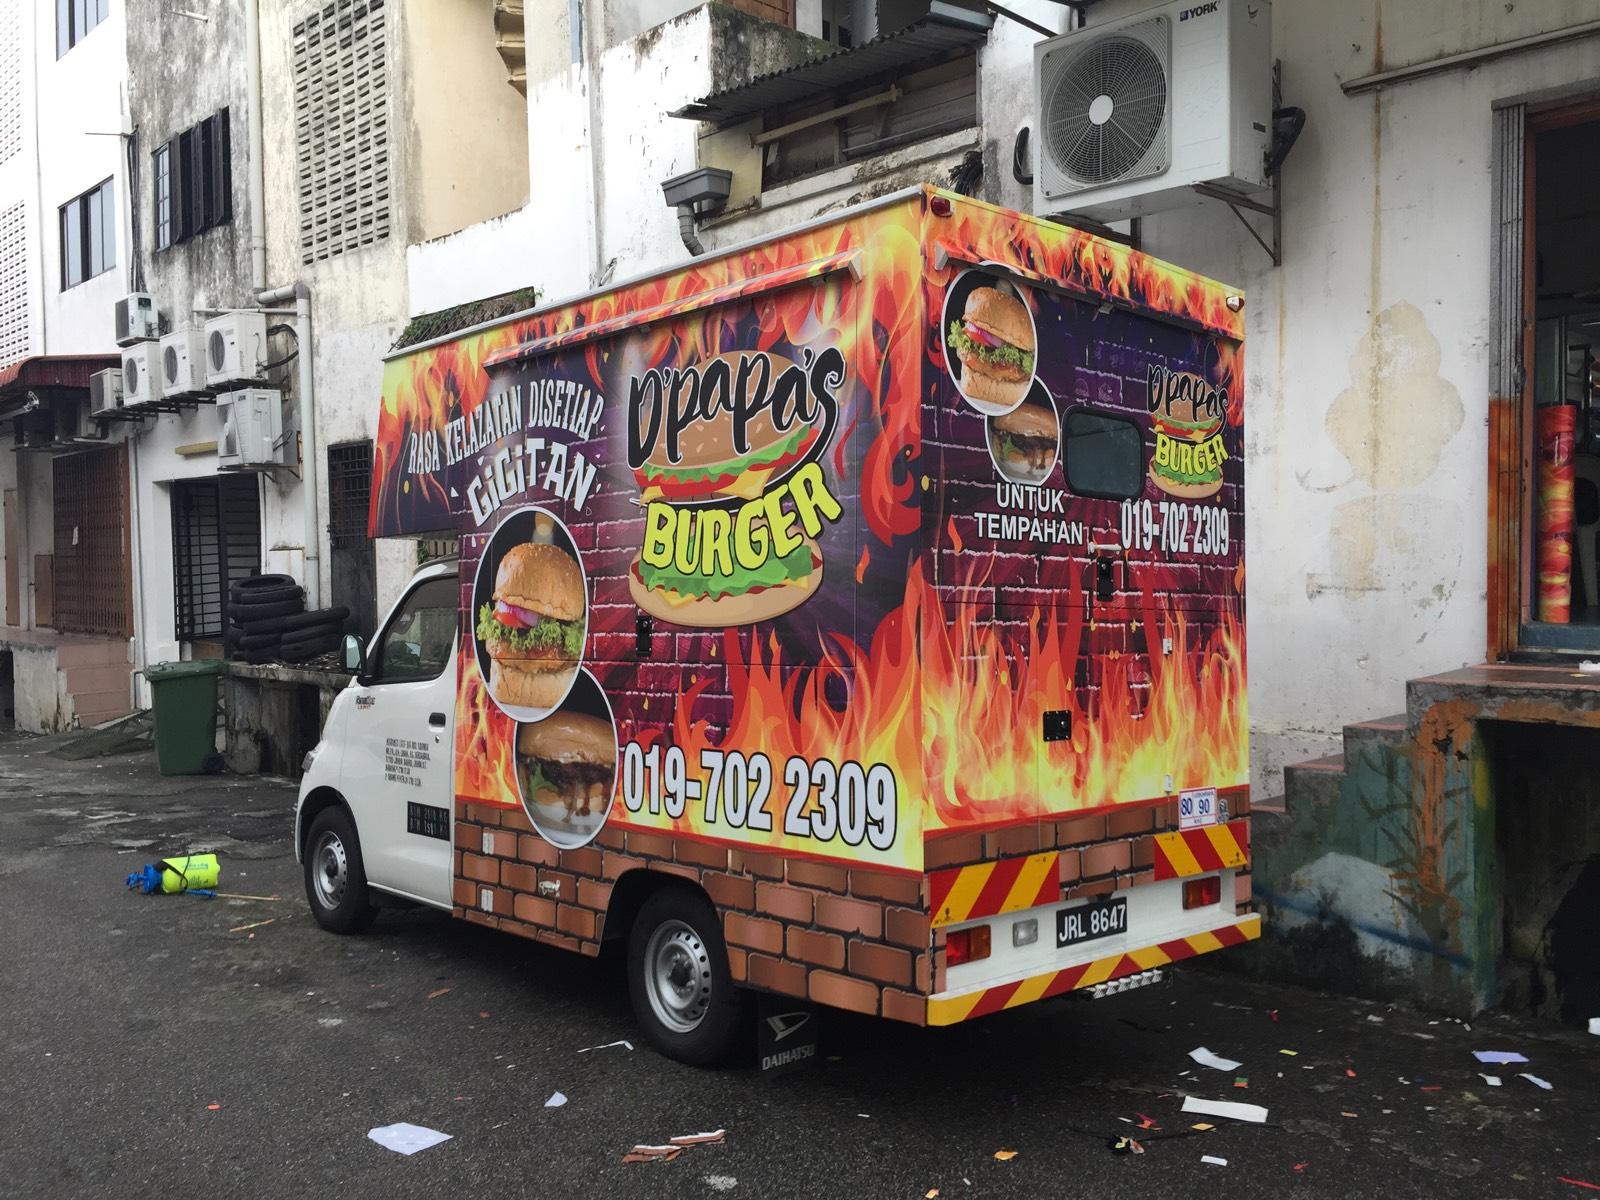 Car sticker design jb - Buger Food Truck